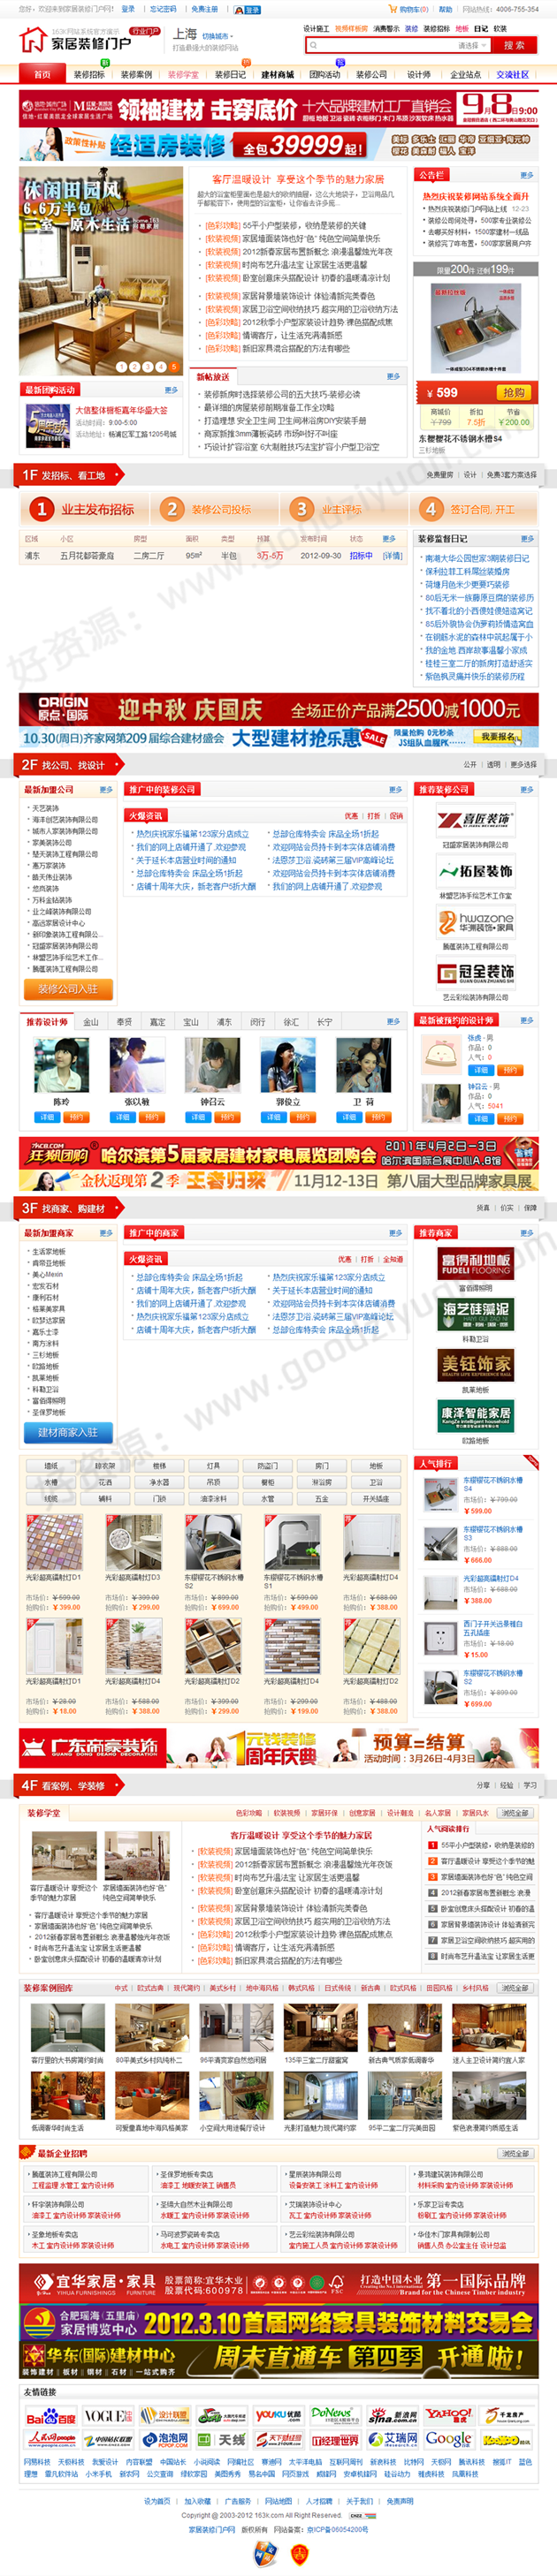 好资源:163K家居装修门户网站系统V2.6修复商业版